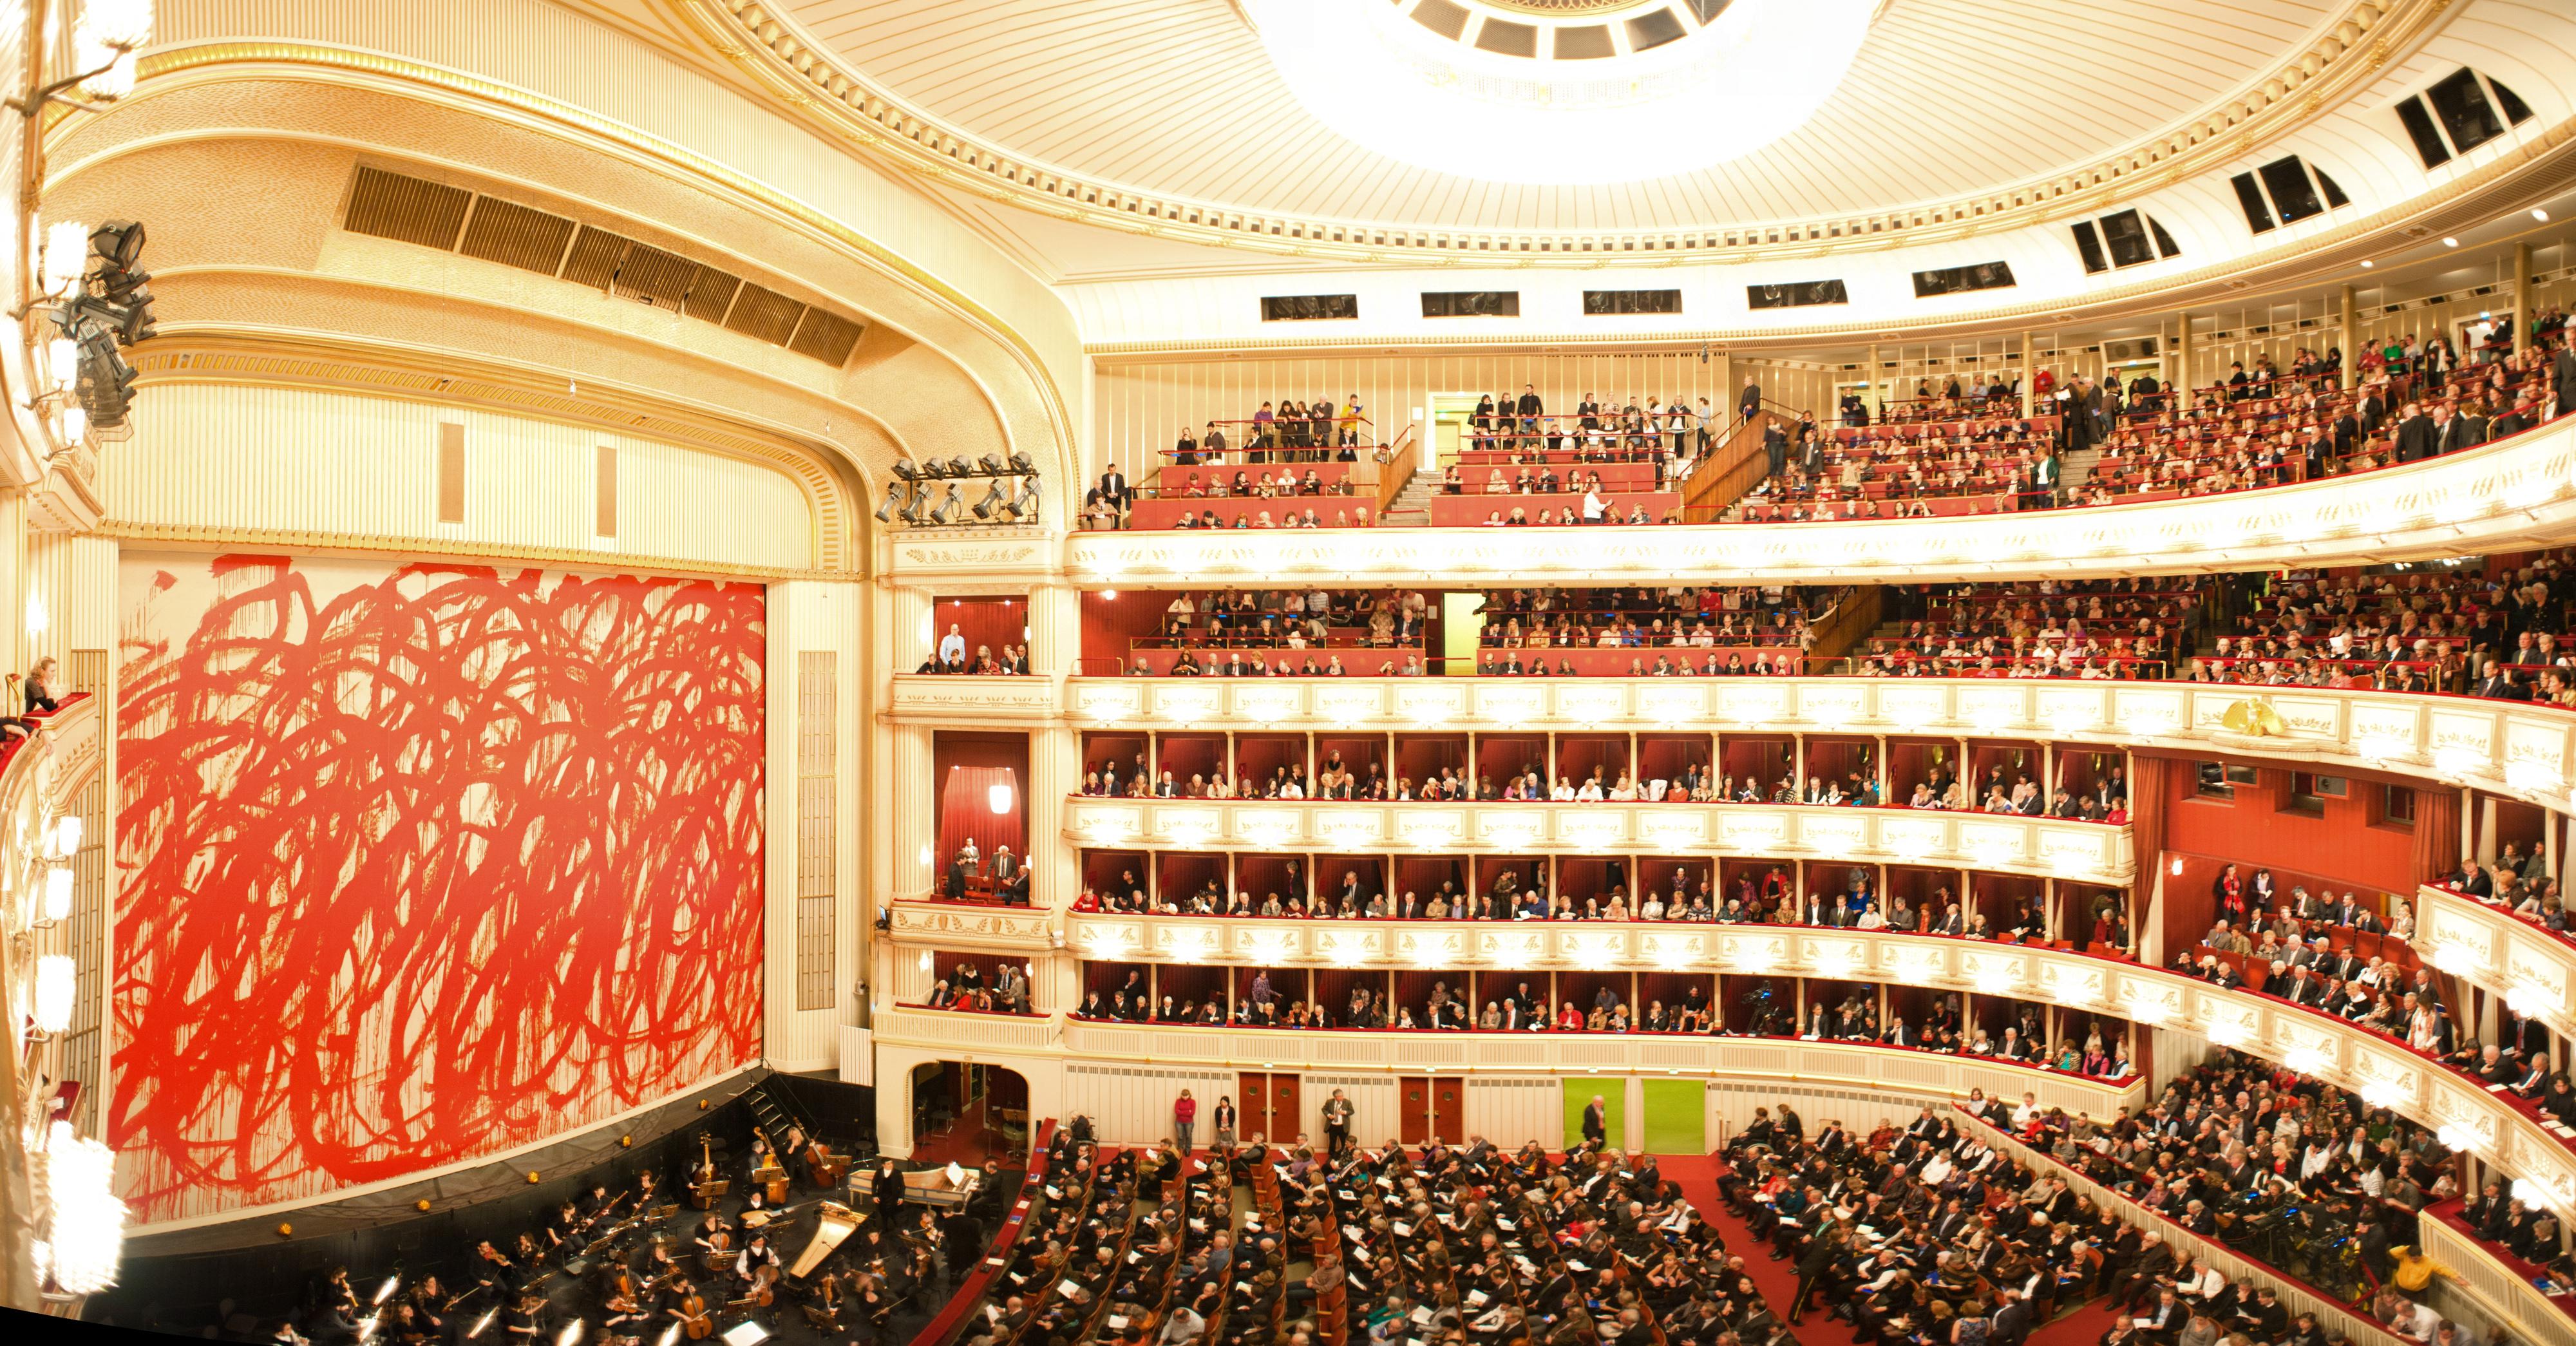 نتیجه تصویری برای Vienna State Opera